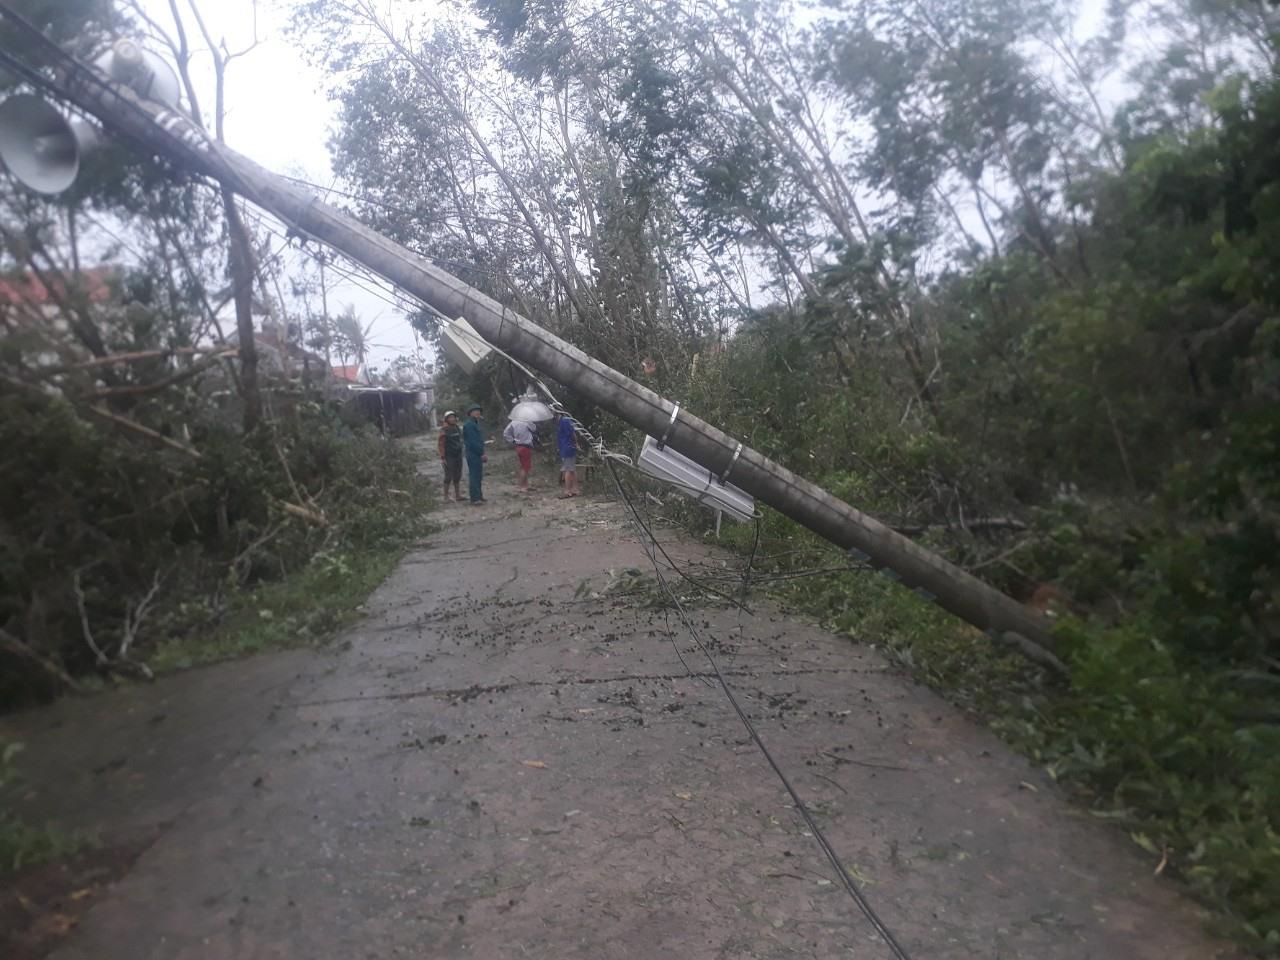 Một cây trụ điện tại xã Bình Sa bị ngã. Ảnh: M.TÂN